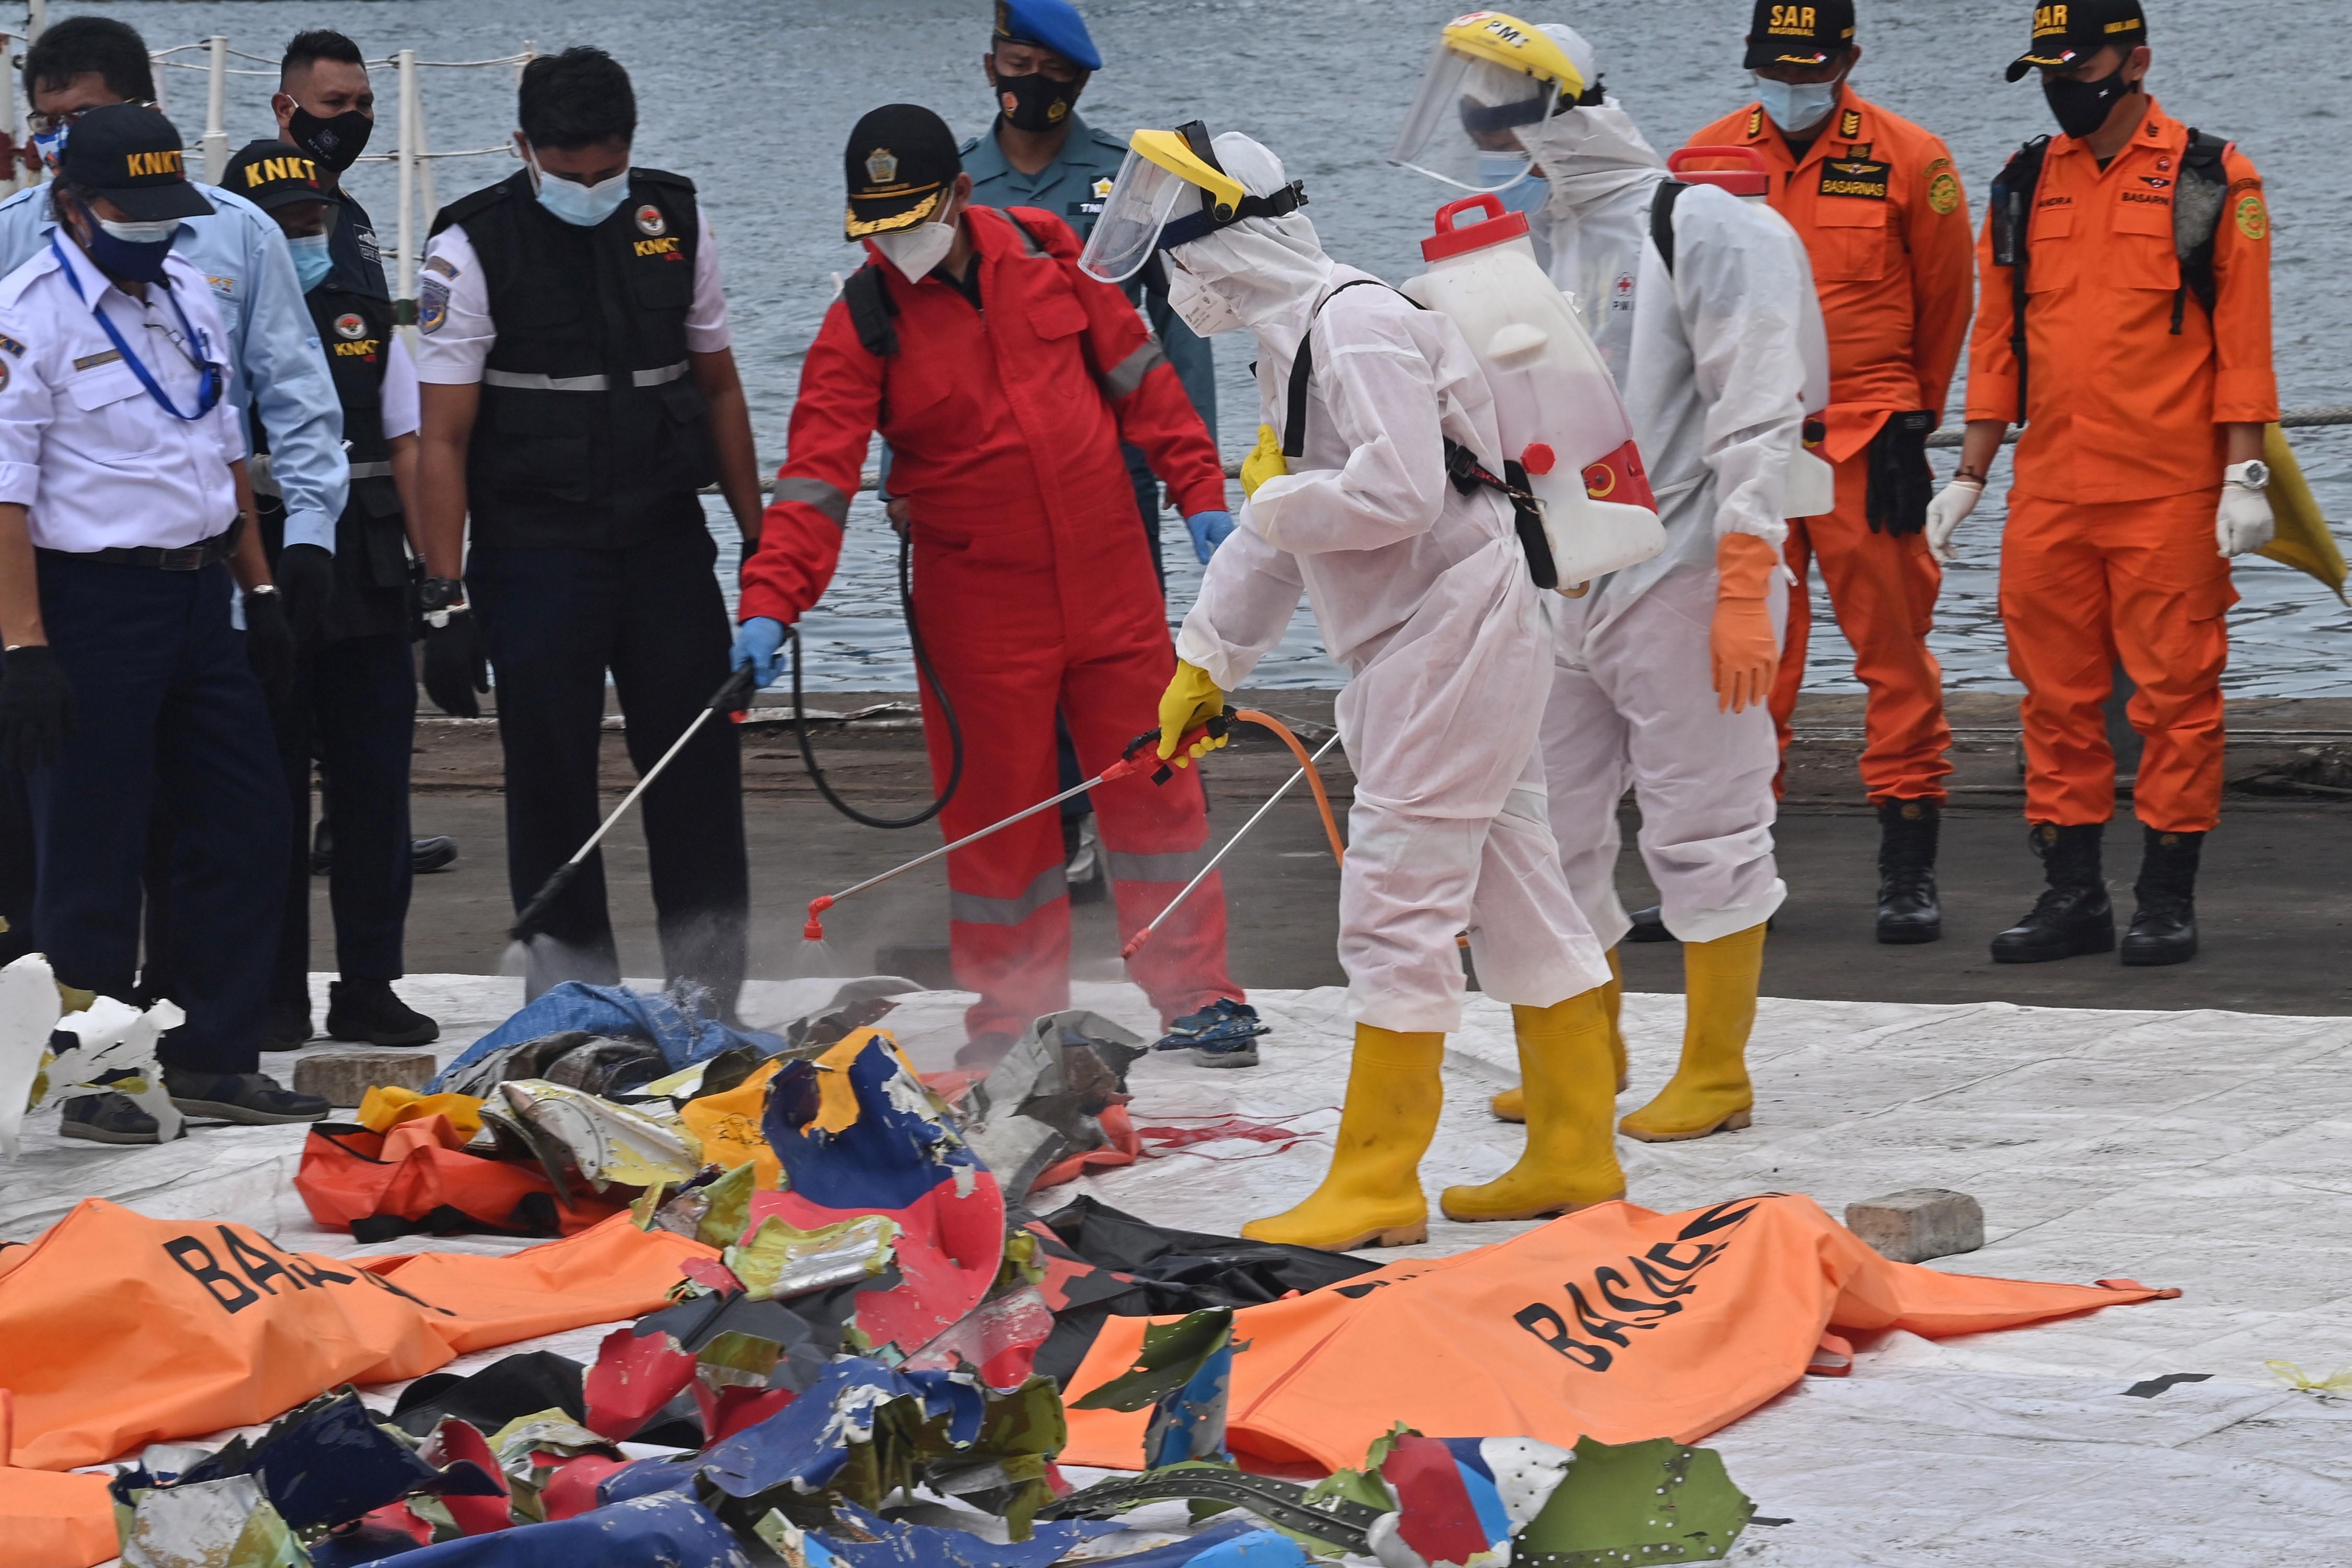 Petugas PMI menyemprotkan disinfektan. Foto: Adek Berry/AFP